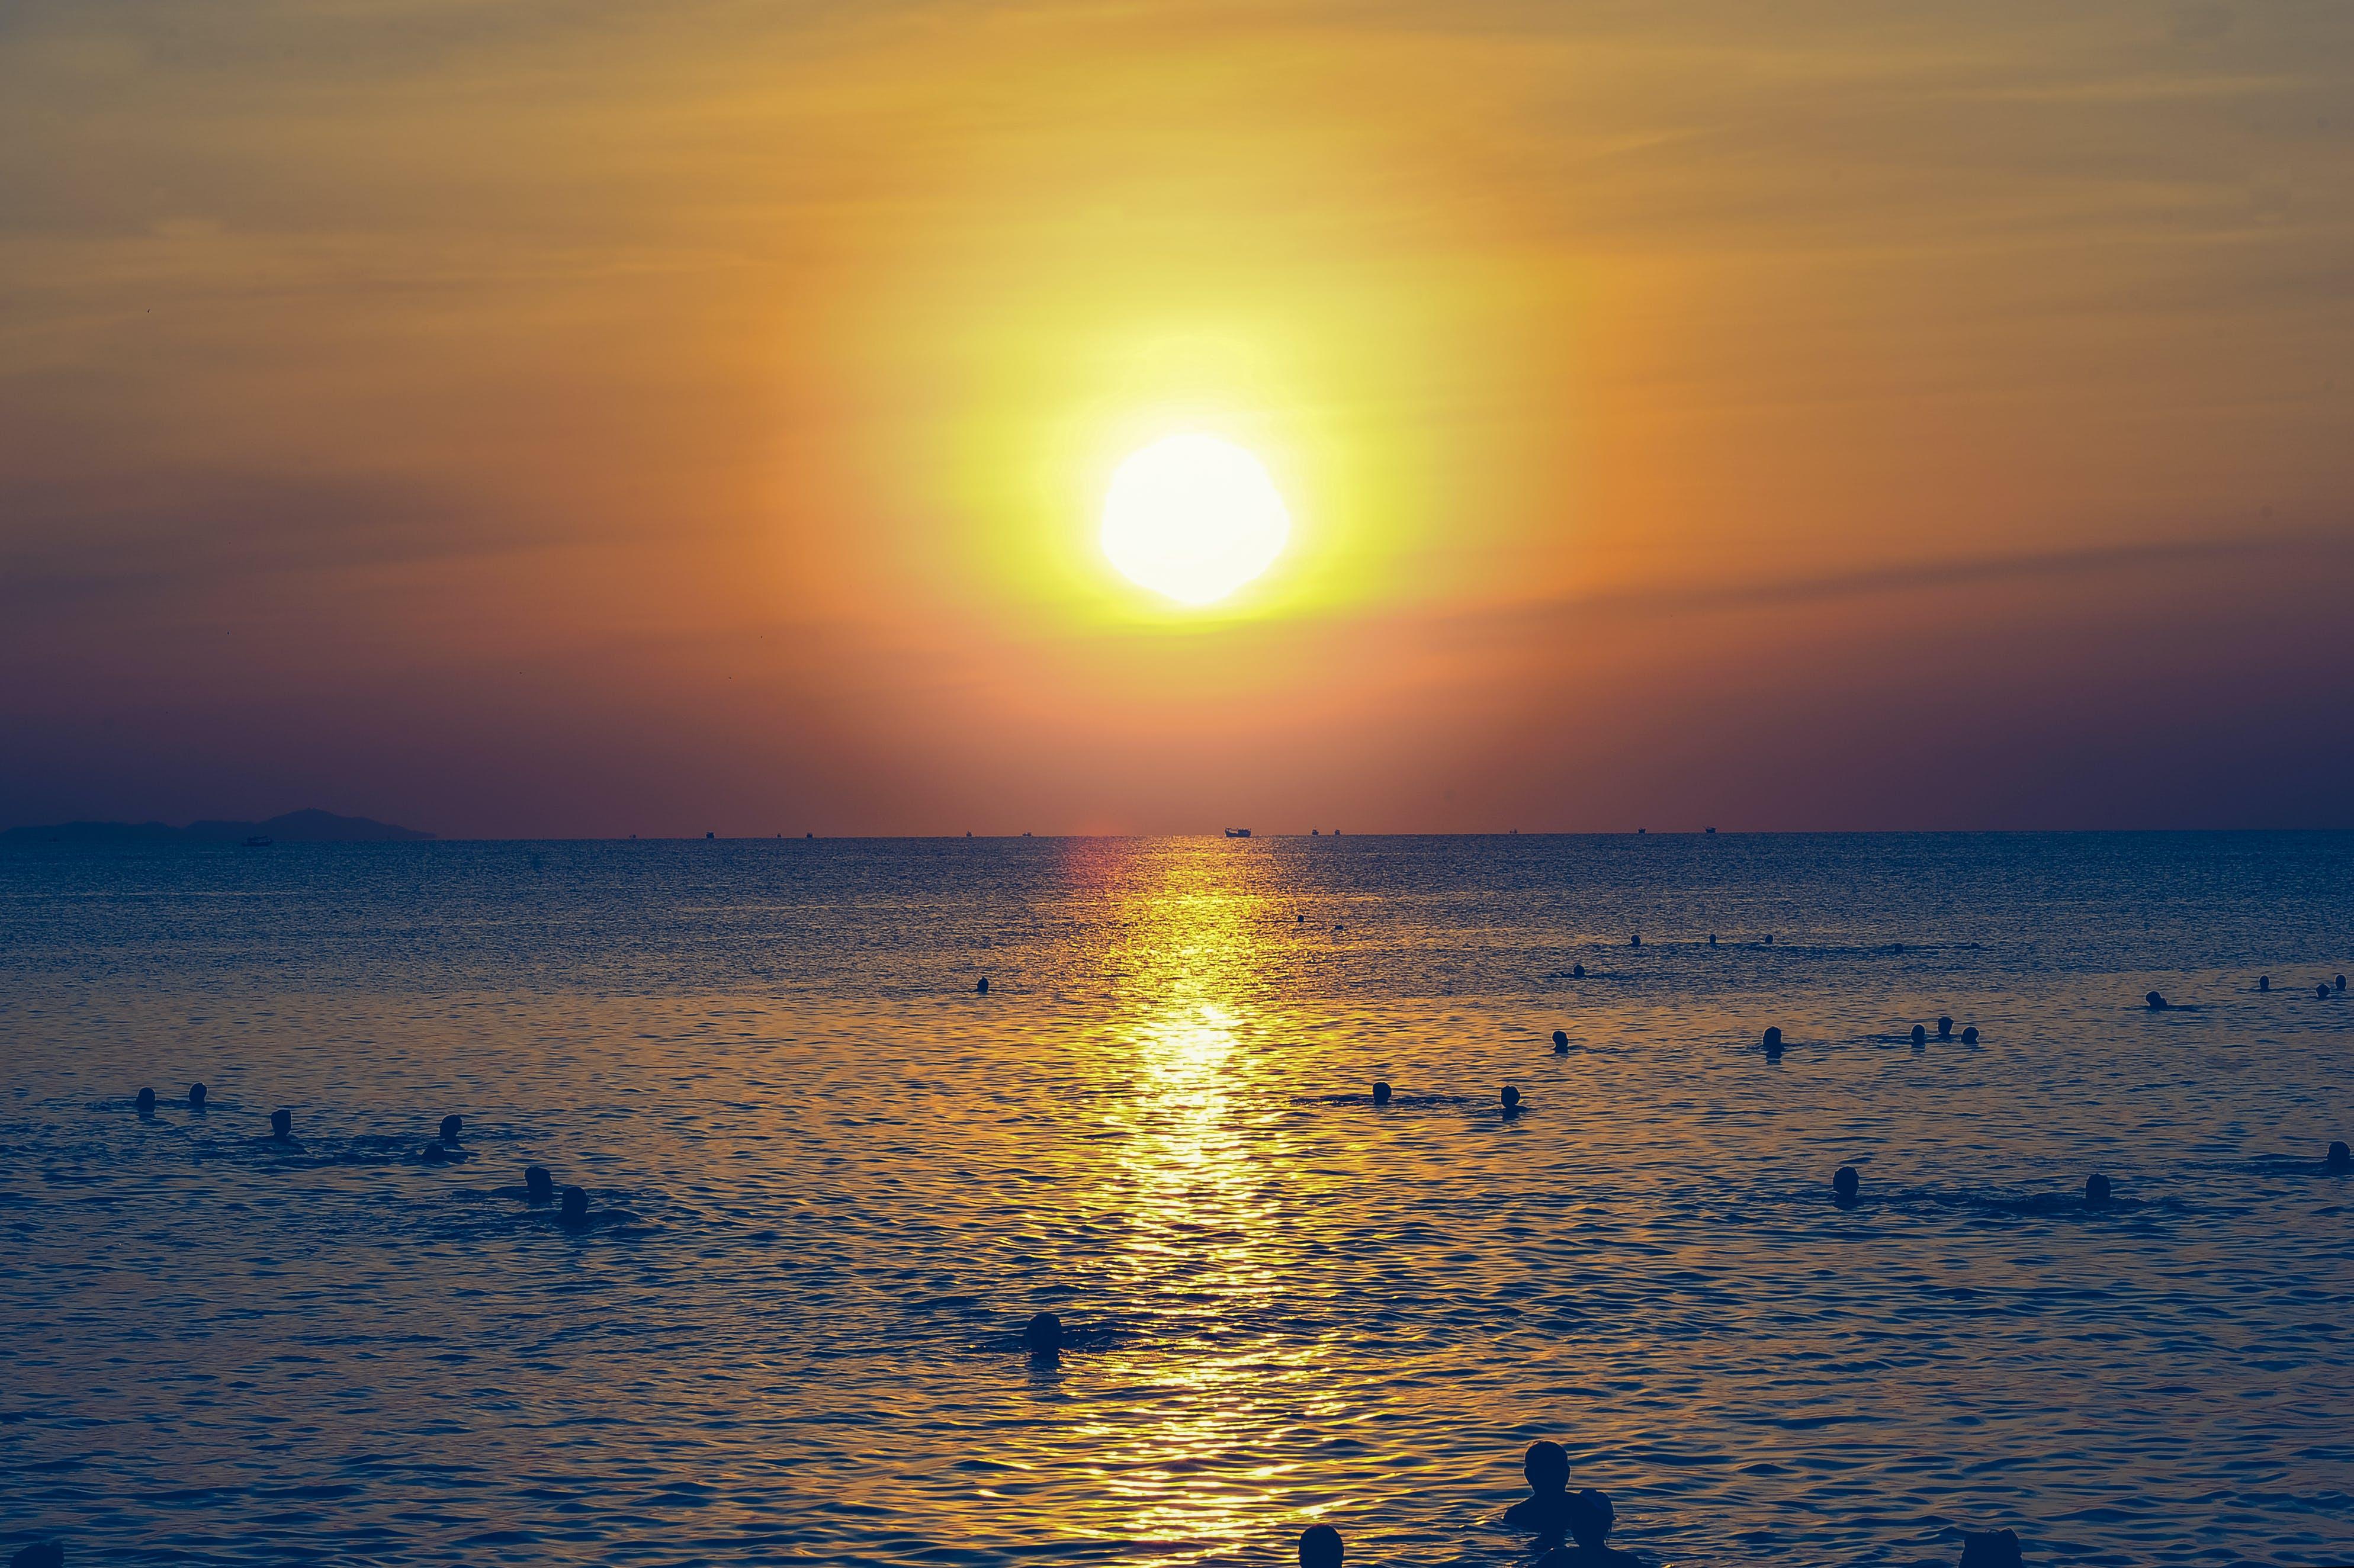 シースケープ, ビーチ, 人, 光の無料の写真素材